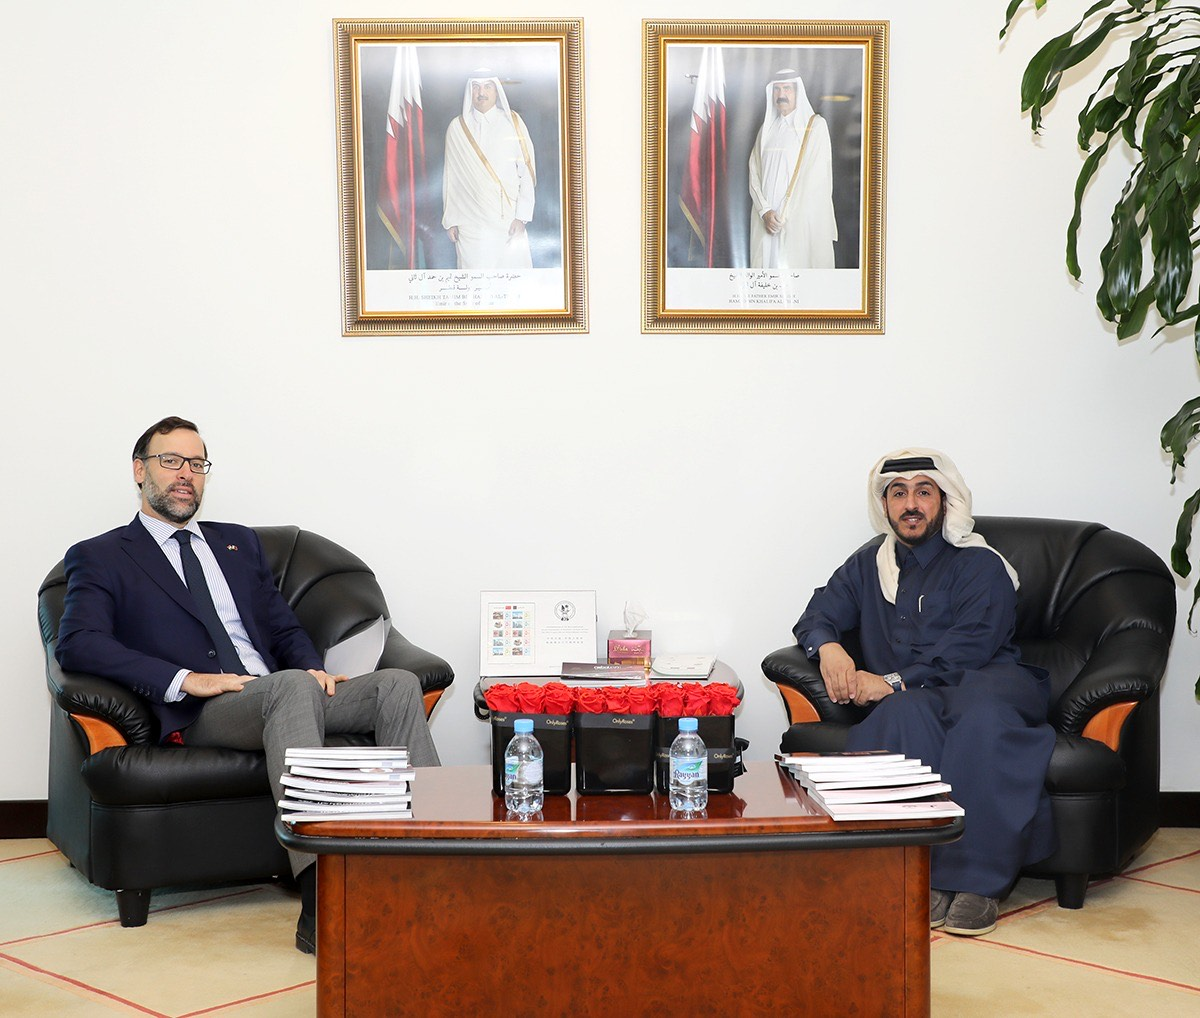 مدير المعهد الدبلوماسي بوزارة الخارجية يجتمع مع سفير هنغاريا